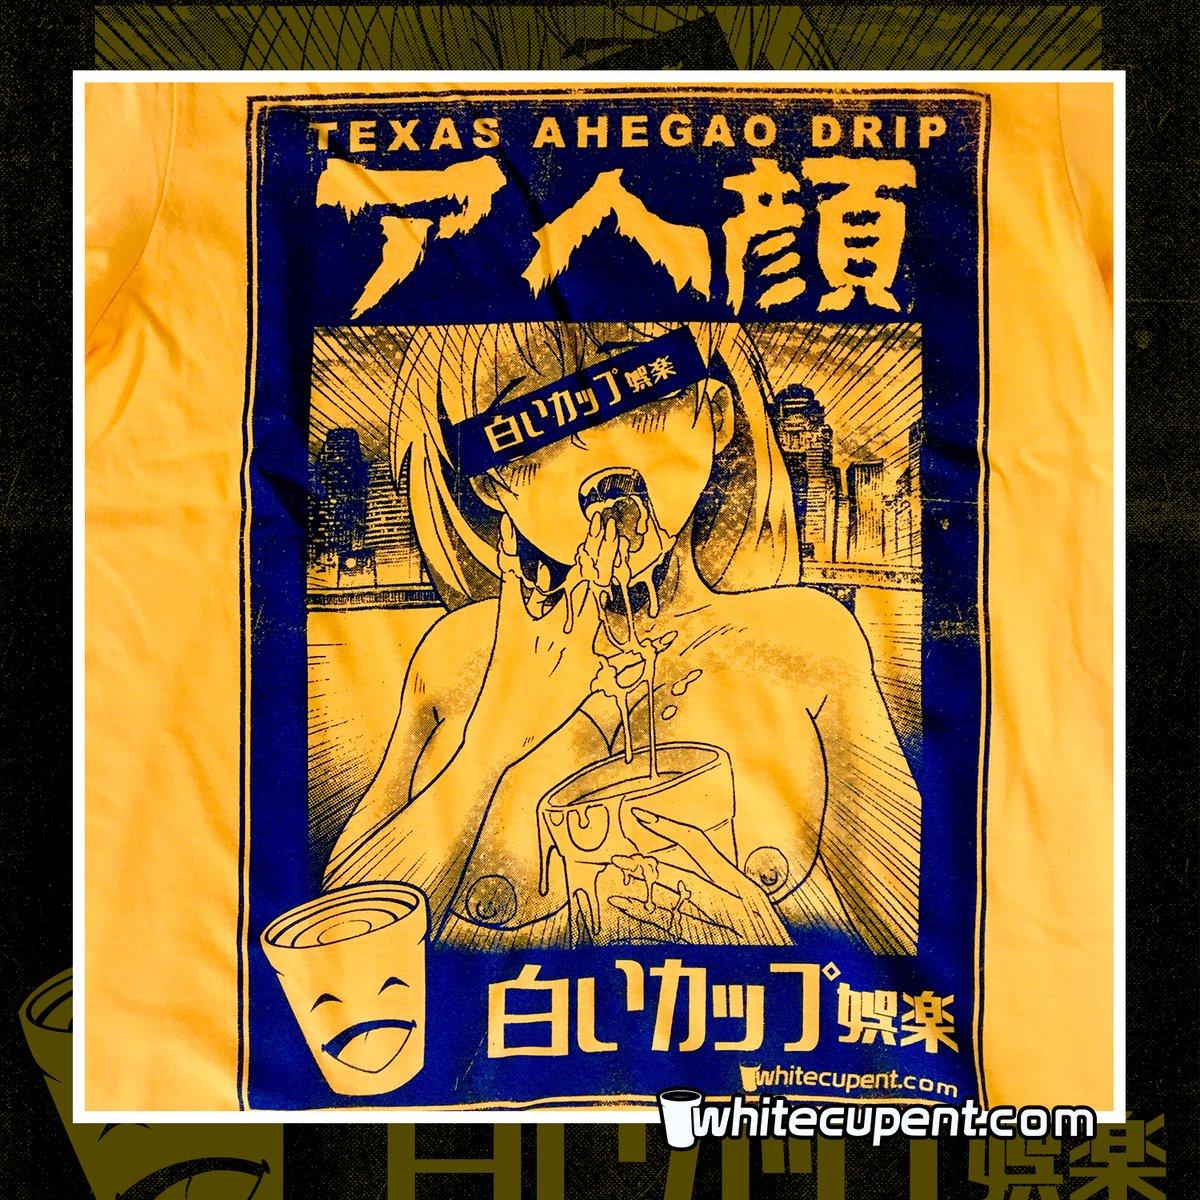 Texas Ahegao Drip